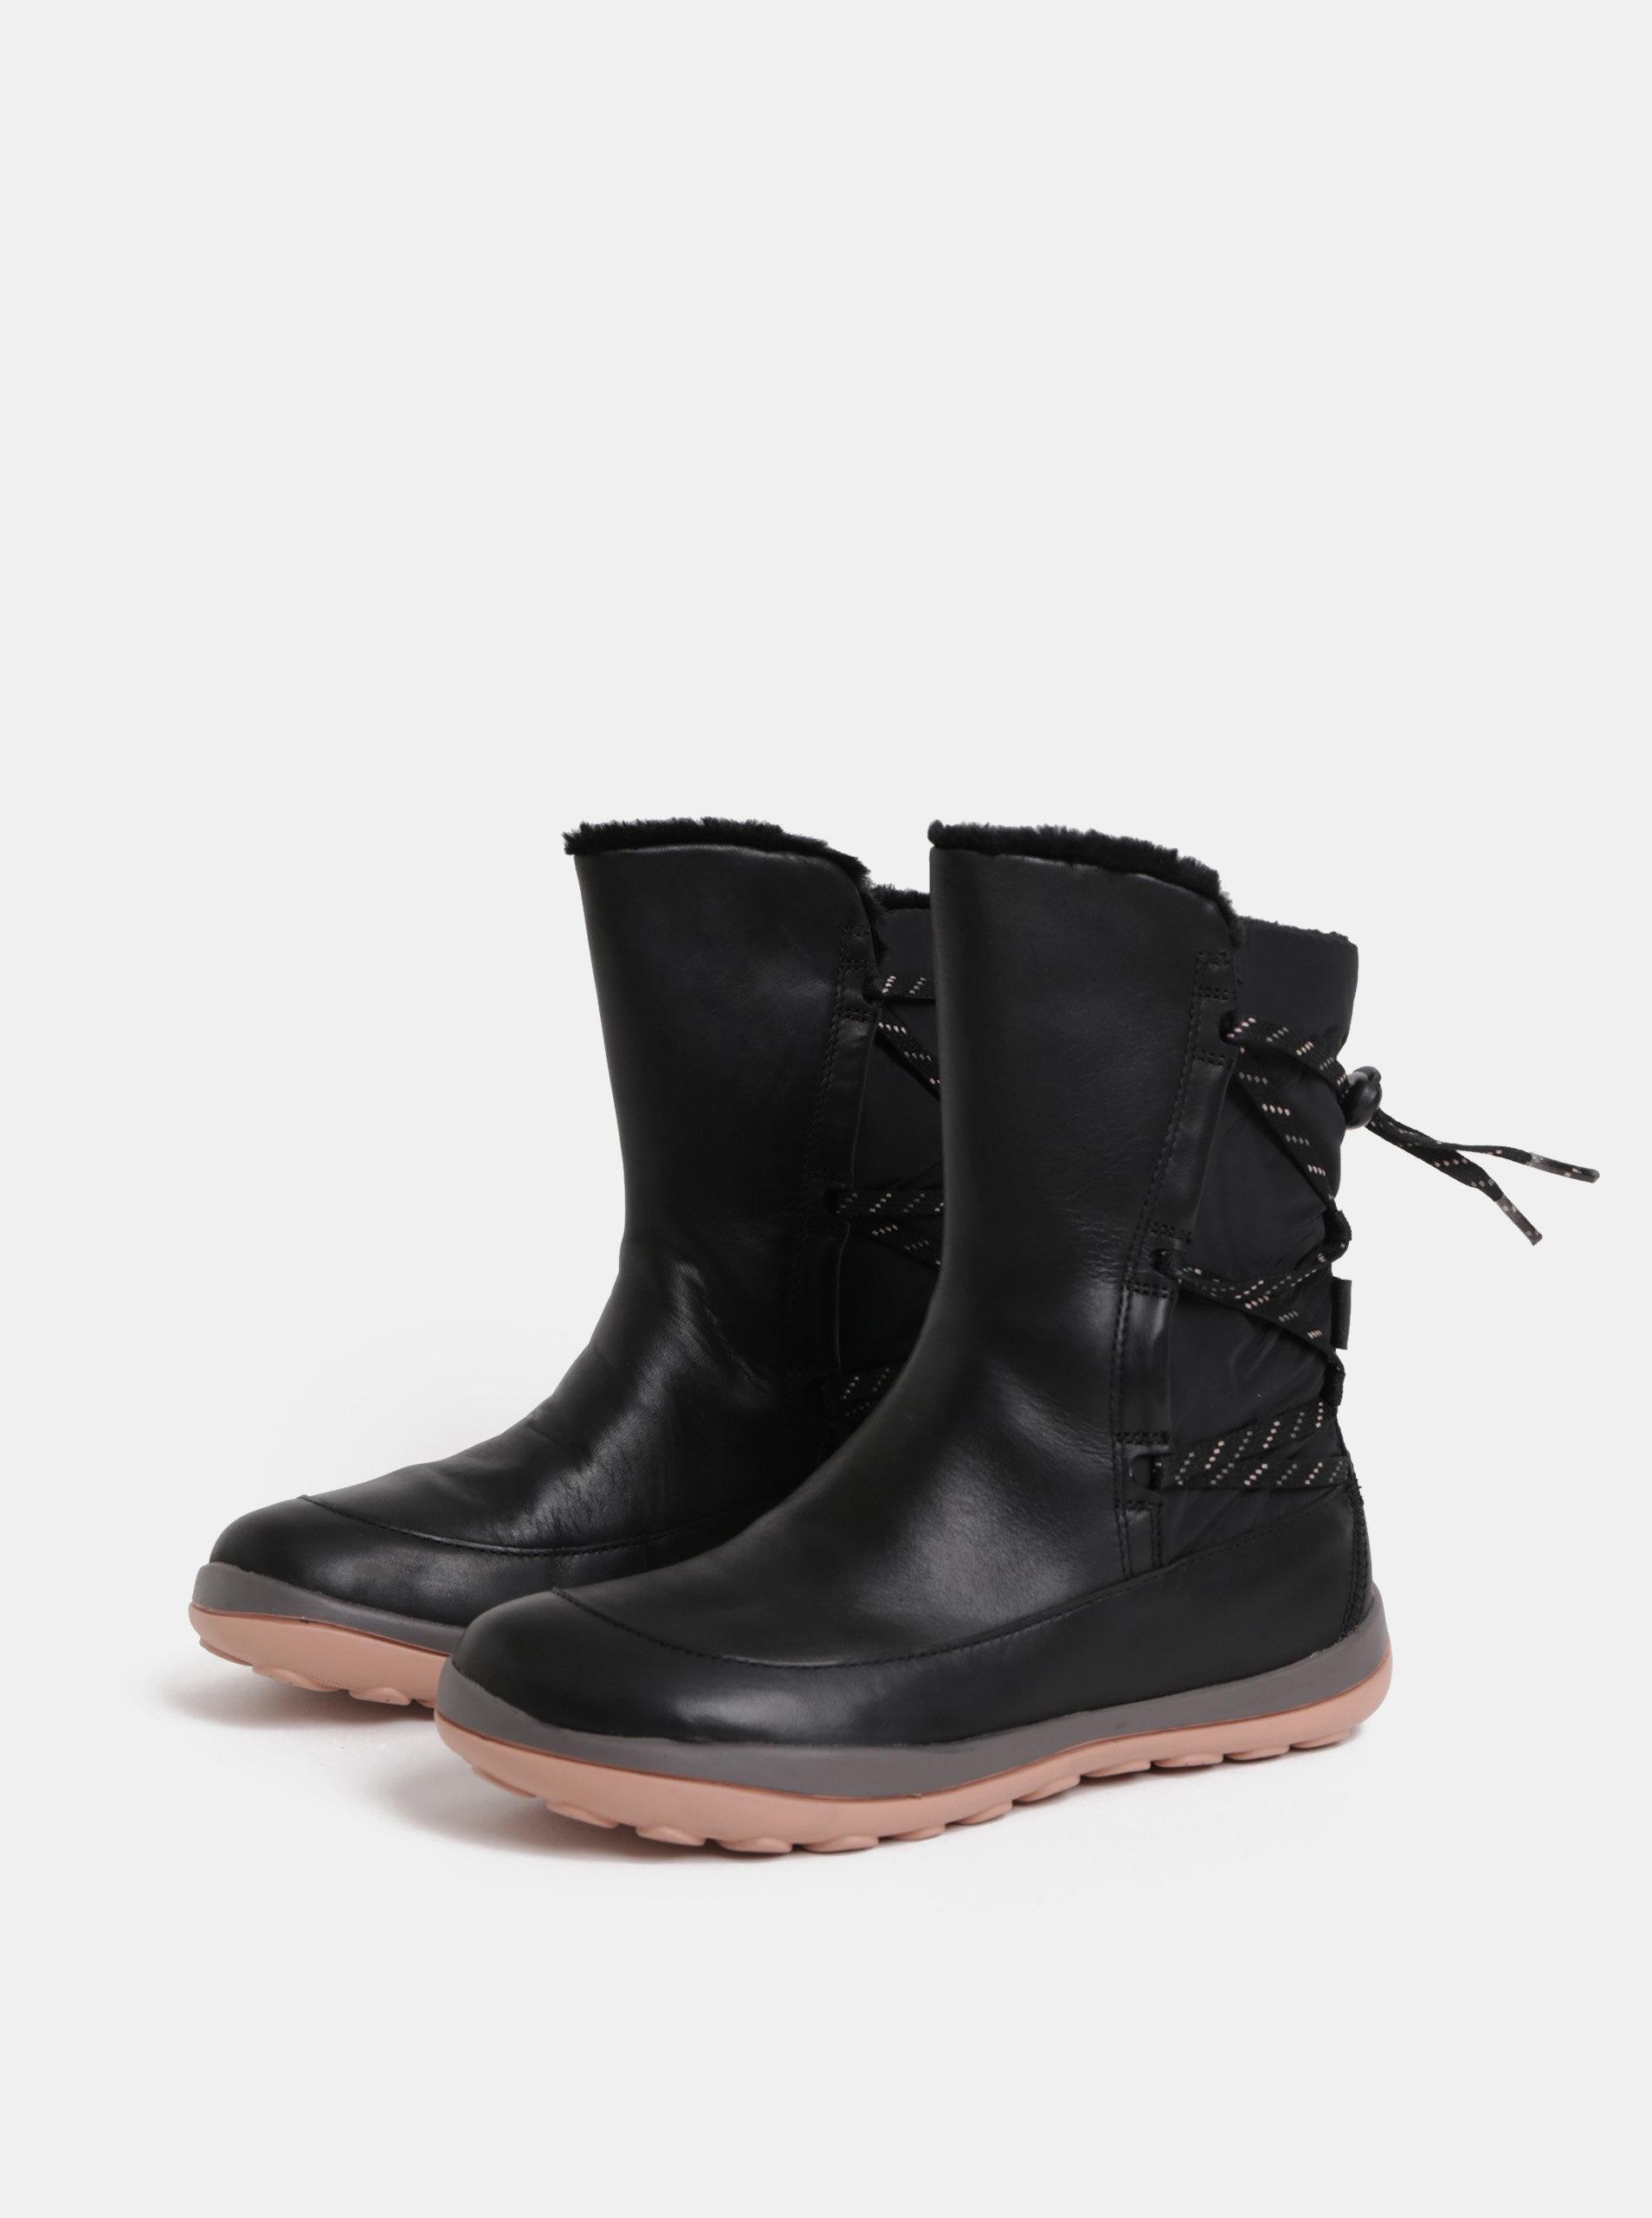 468630d76c05f Čierne dámske kožené členkové topánky s vnútornou umelou kožušinkou Camper  Peu Pista ...